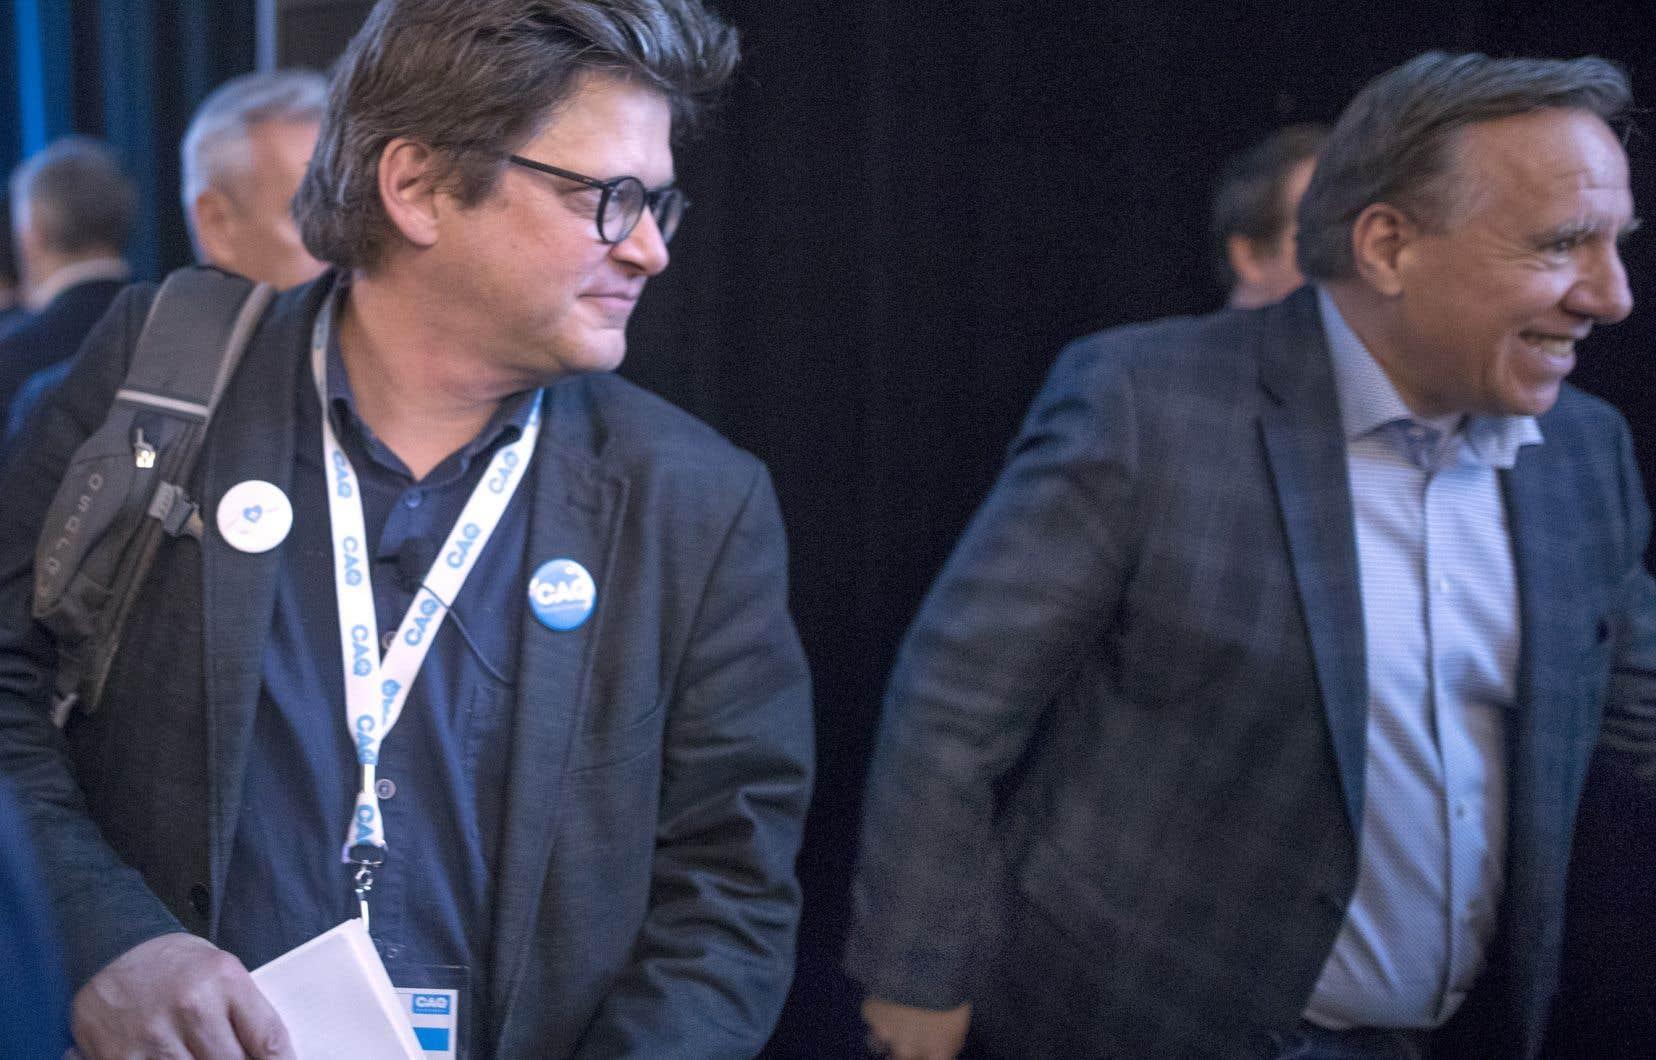 Dominic Champagneavait rencontré François Legault dans la foulée du lancement du Pacte l'an dernier et même adhéré à la Coalition avenir Québec en signe de bonne foi.